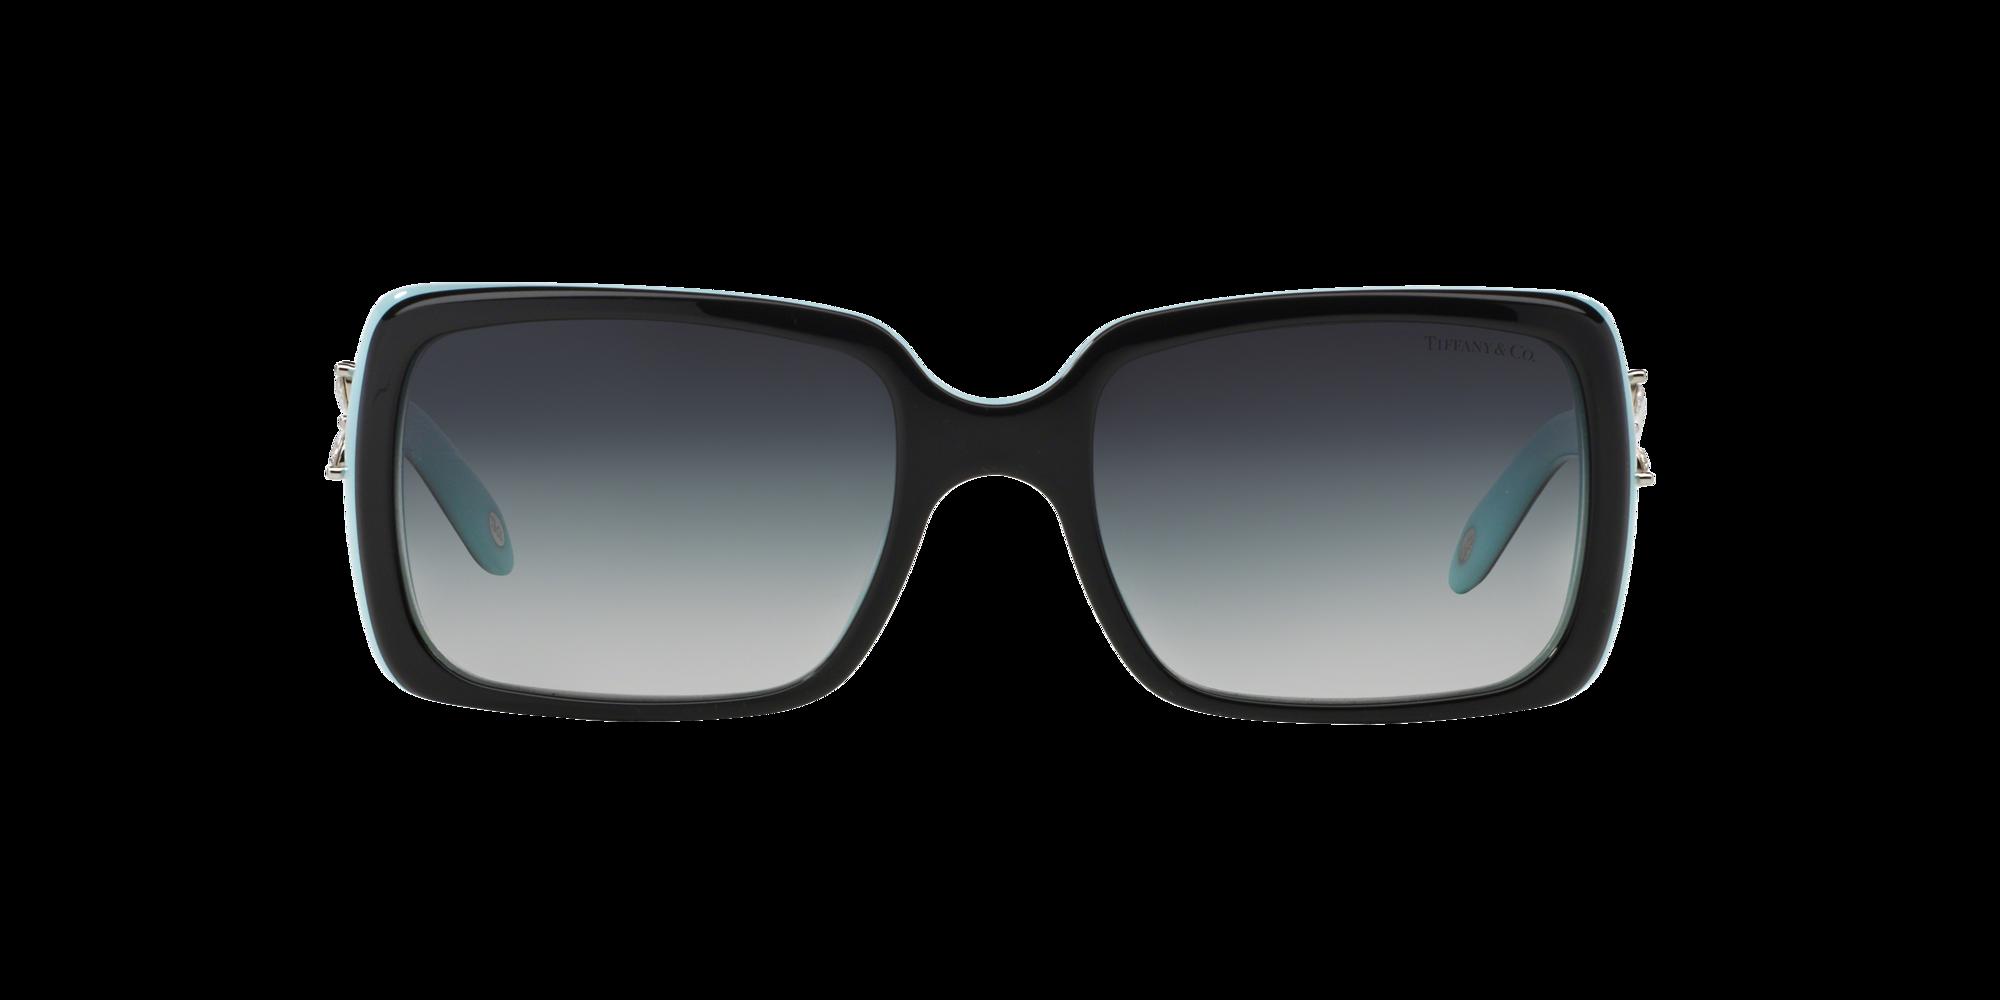 Imagen para TF4047B de LensCrafters |  Espejuelos, espejuelos graduados en línea, gafas